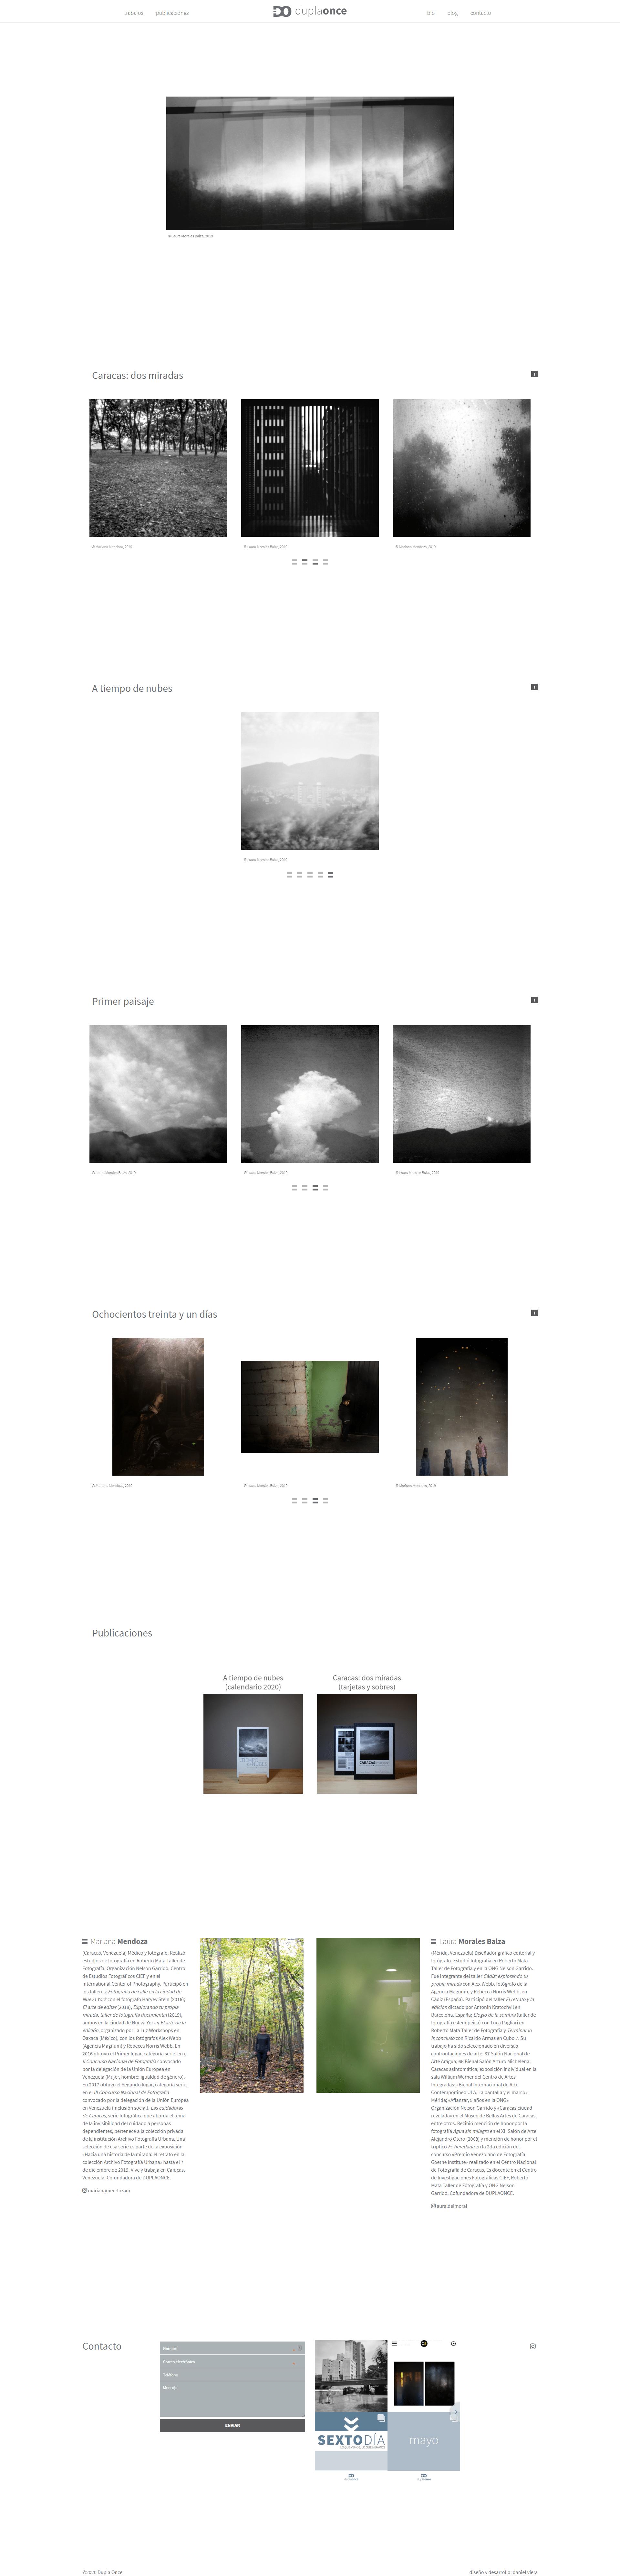 Dupla once | Nuevo sitio web para una dupla de artistas que hacen fotografía estenopéica. Realizado en WordPress con bootstrap 4 y sass. Responsive, con scroll infinito y mansory.